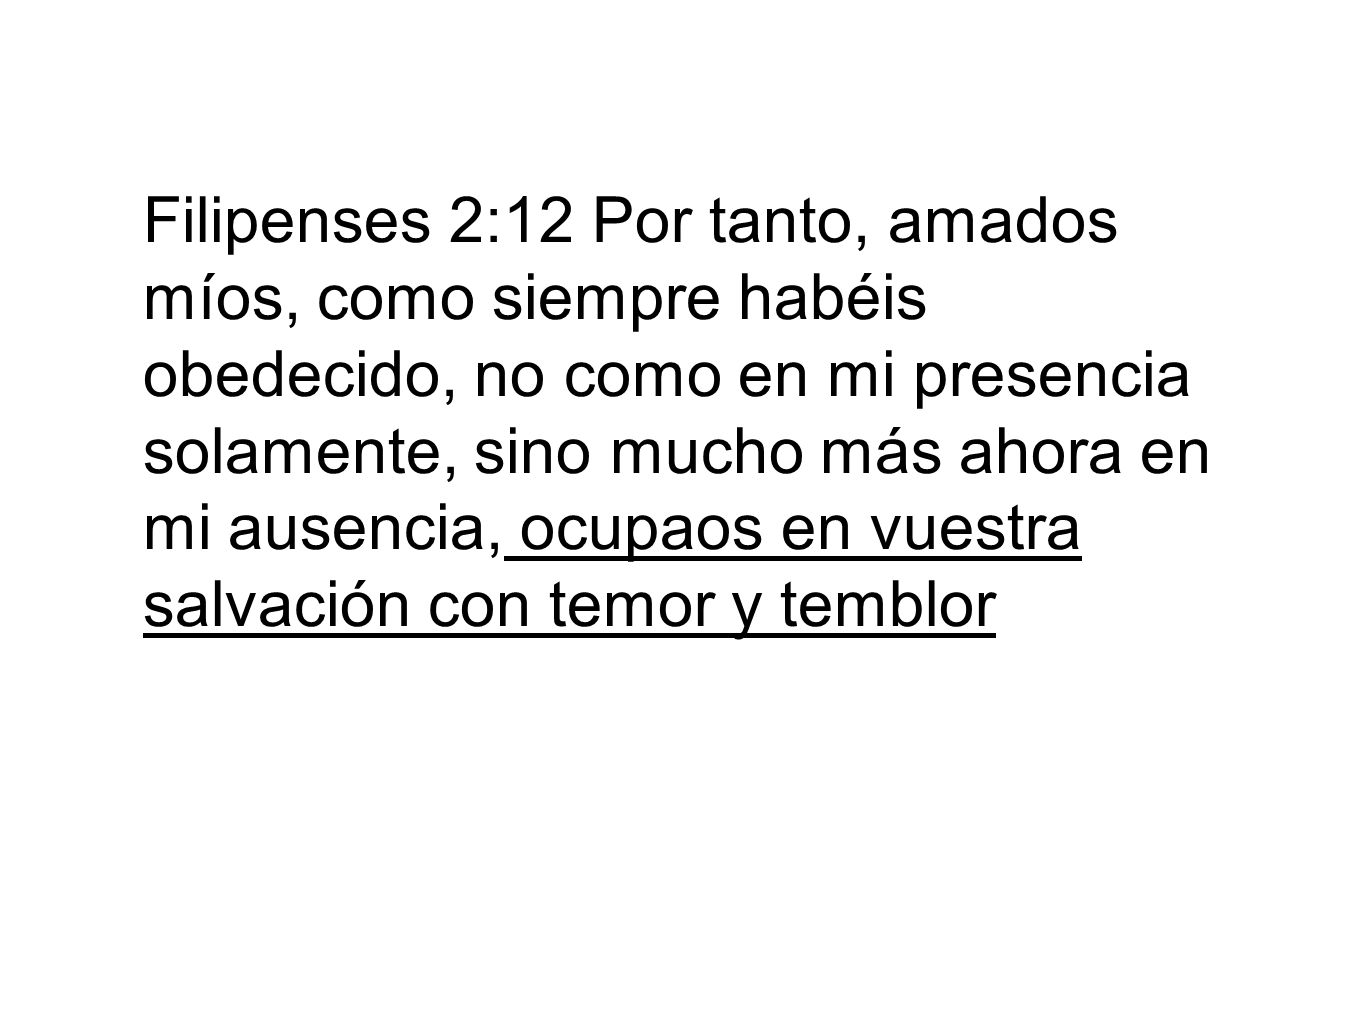 Filipenses 2:12 Por tanto, amados míos, como siempre habéis obedecido, no como en mi presencia solamente, sino mucho más ahora en mi ausencia, ocupaos en vuestra salvación con temor y temblor